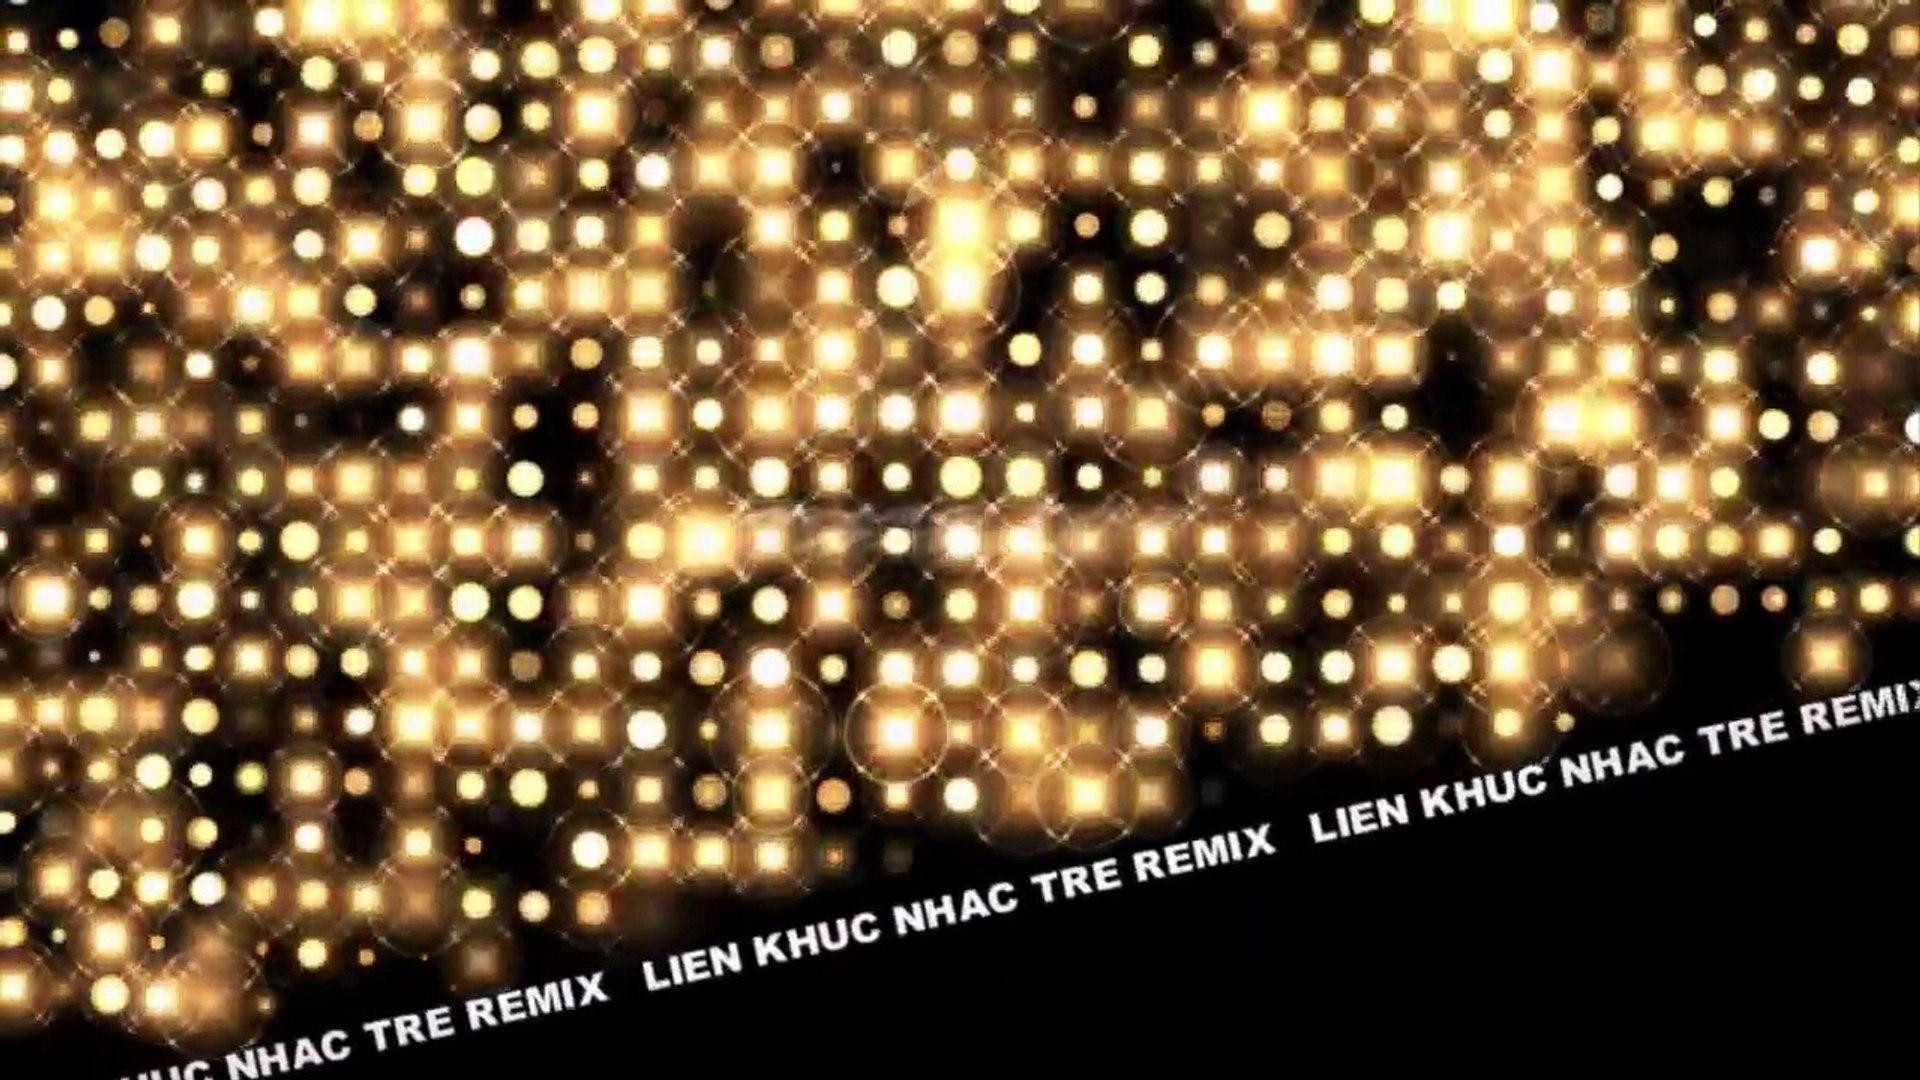 LK Nhạc Trẻ Remix - Gái Xinh Hàn Quốc P2 | Liên Khúc Nhạc Trẻ Remix Tâm Trạng Buồn Hay Nhất 2017 lk